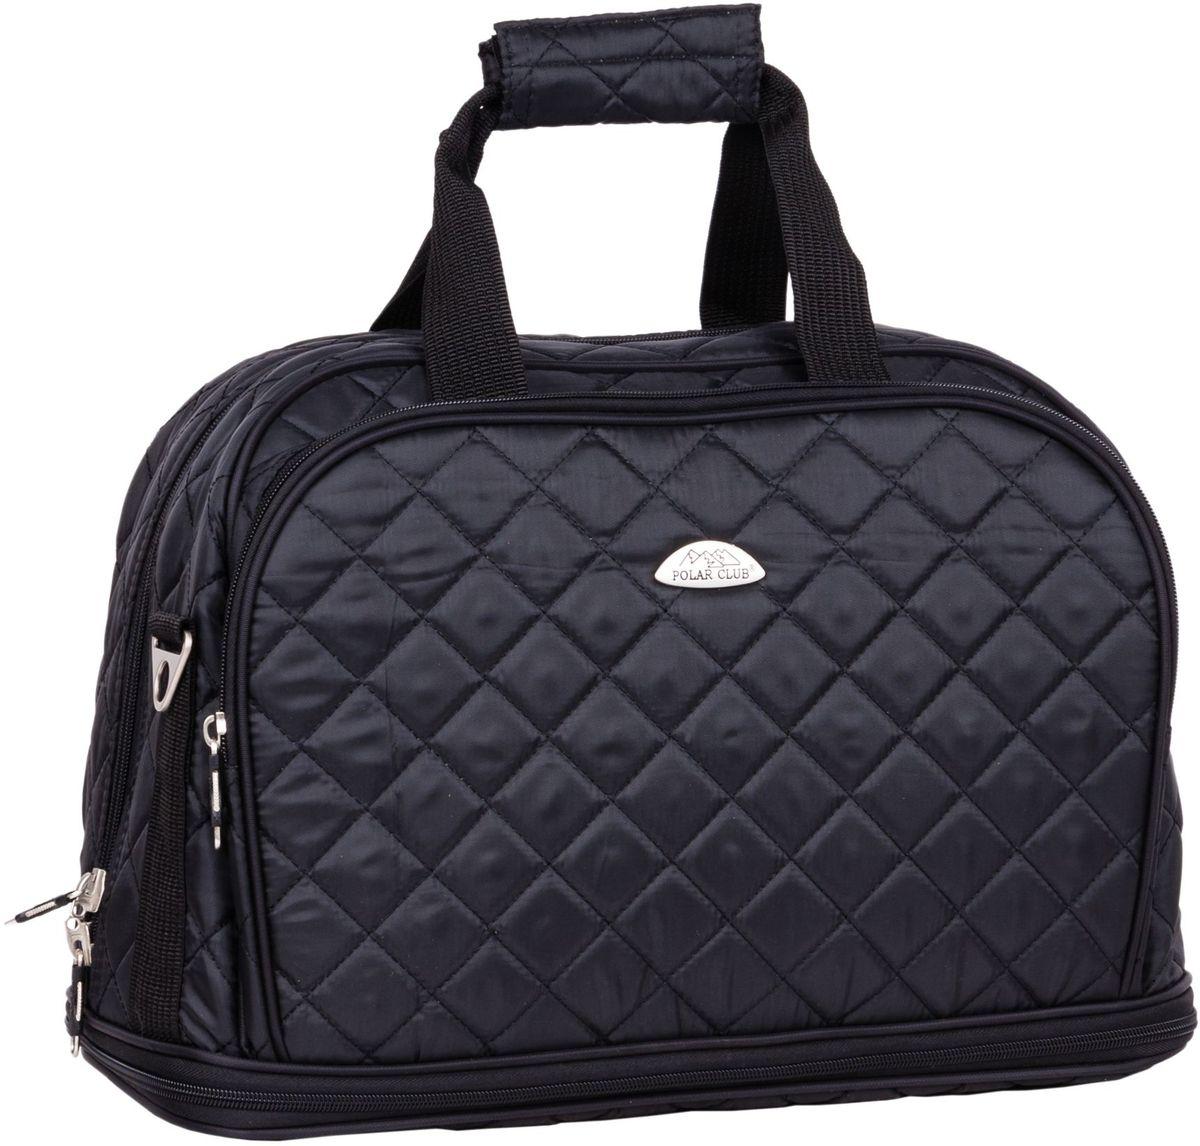 Сумка дорожная Polar Стежка, цвет: черный, 29 л, 30+(13) х 40 х 24 см. П7079П7079Дорожная сумка Polar. Имеется съемный плечевой ремень, что бы носить сумку через плечо. Одно большое отделение для ваших вещей. Увеличивается в длину на 13 см. Два кармана спереди сумки на молнии. Высота ручек 17 см.